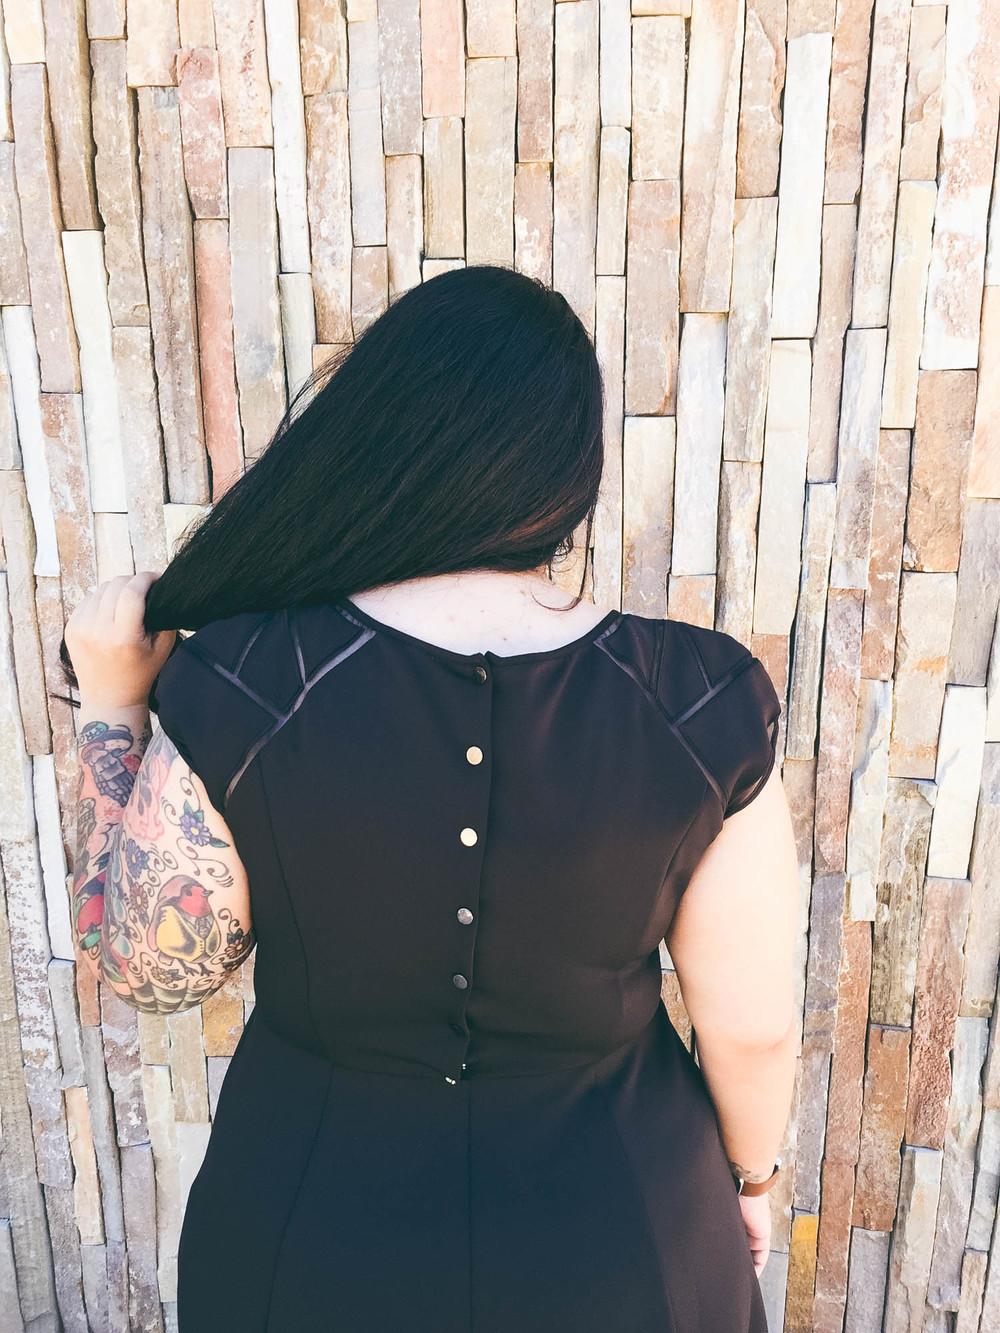 spidey dress details.jpg